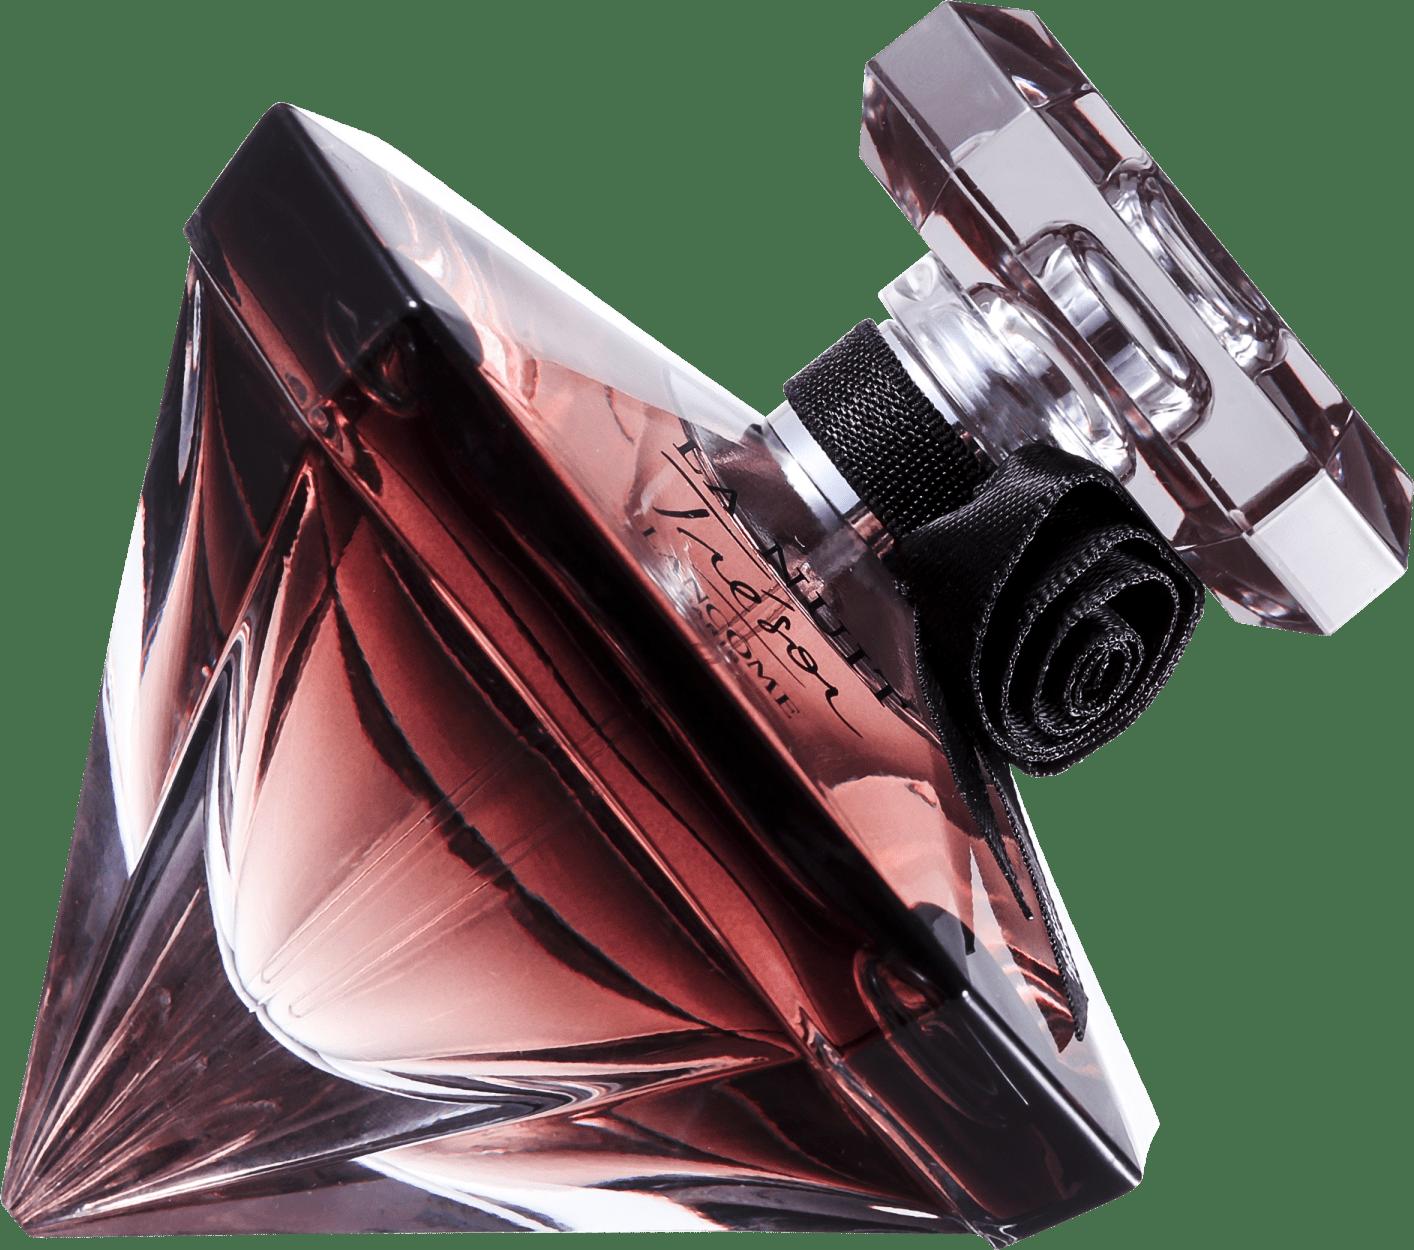 a9315a2c7 La Nuit Trésor Lancôme Eau de Parfum - Perfume Feminino 50ml